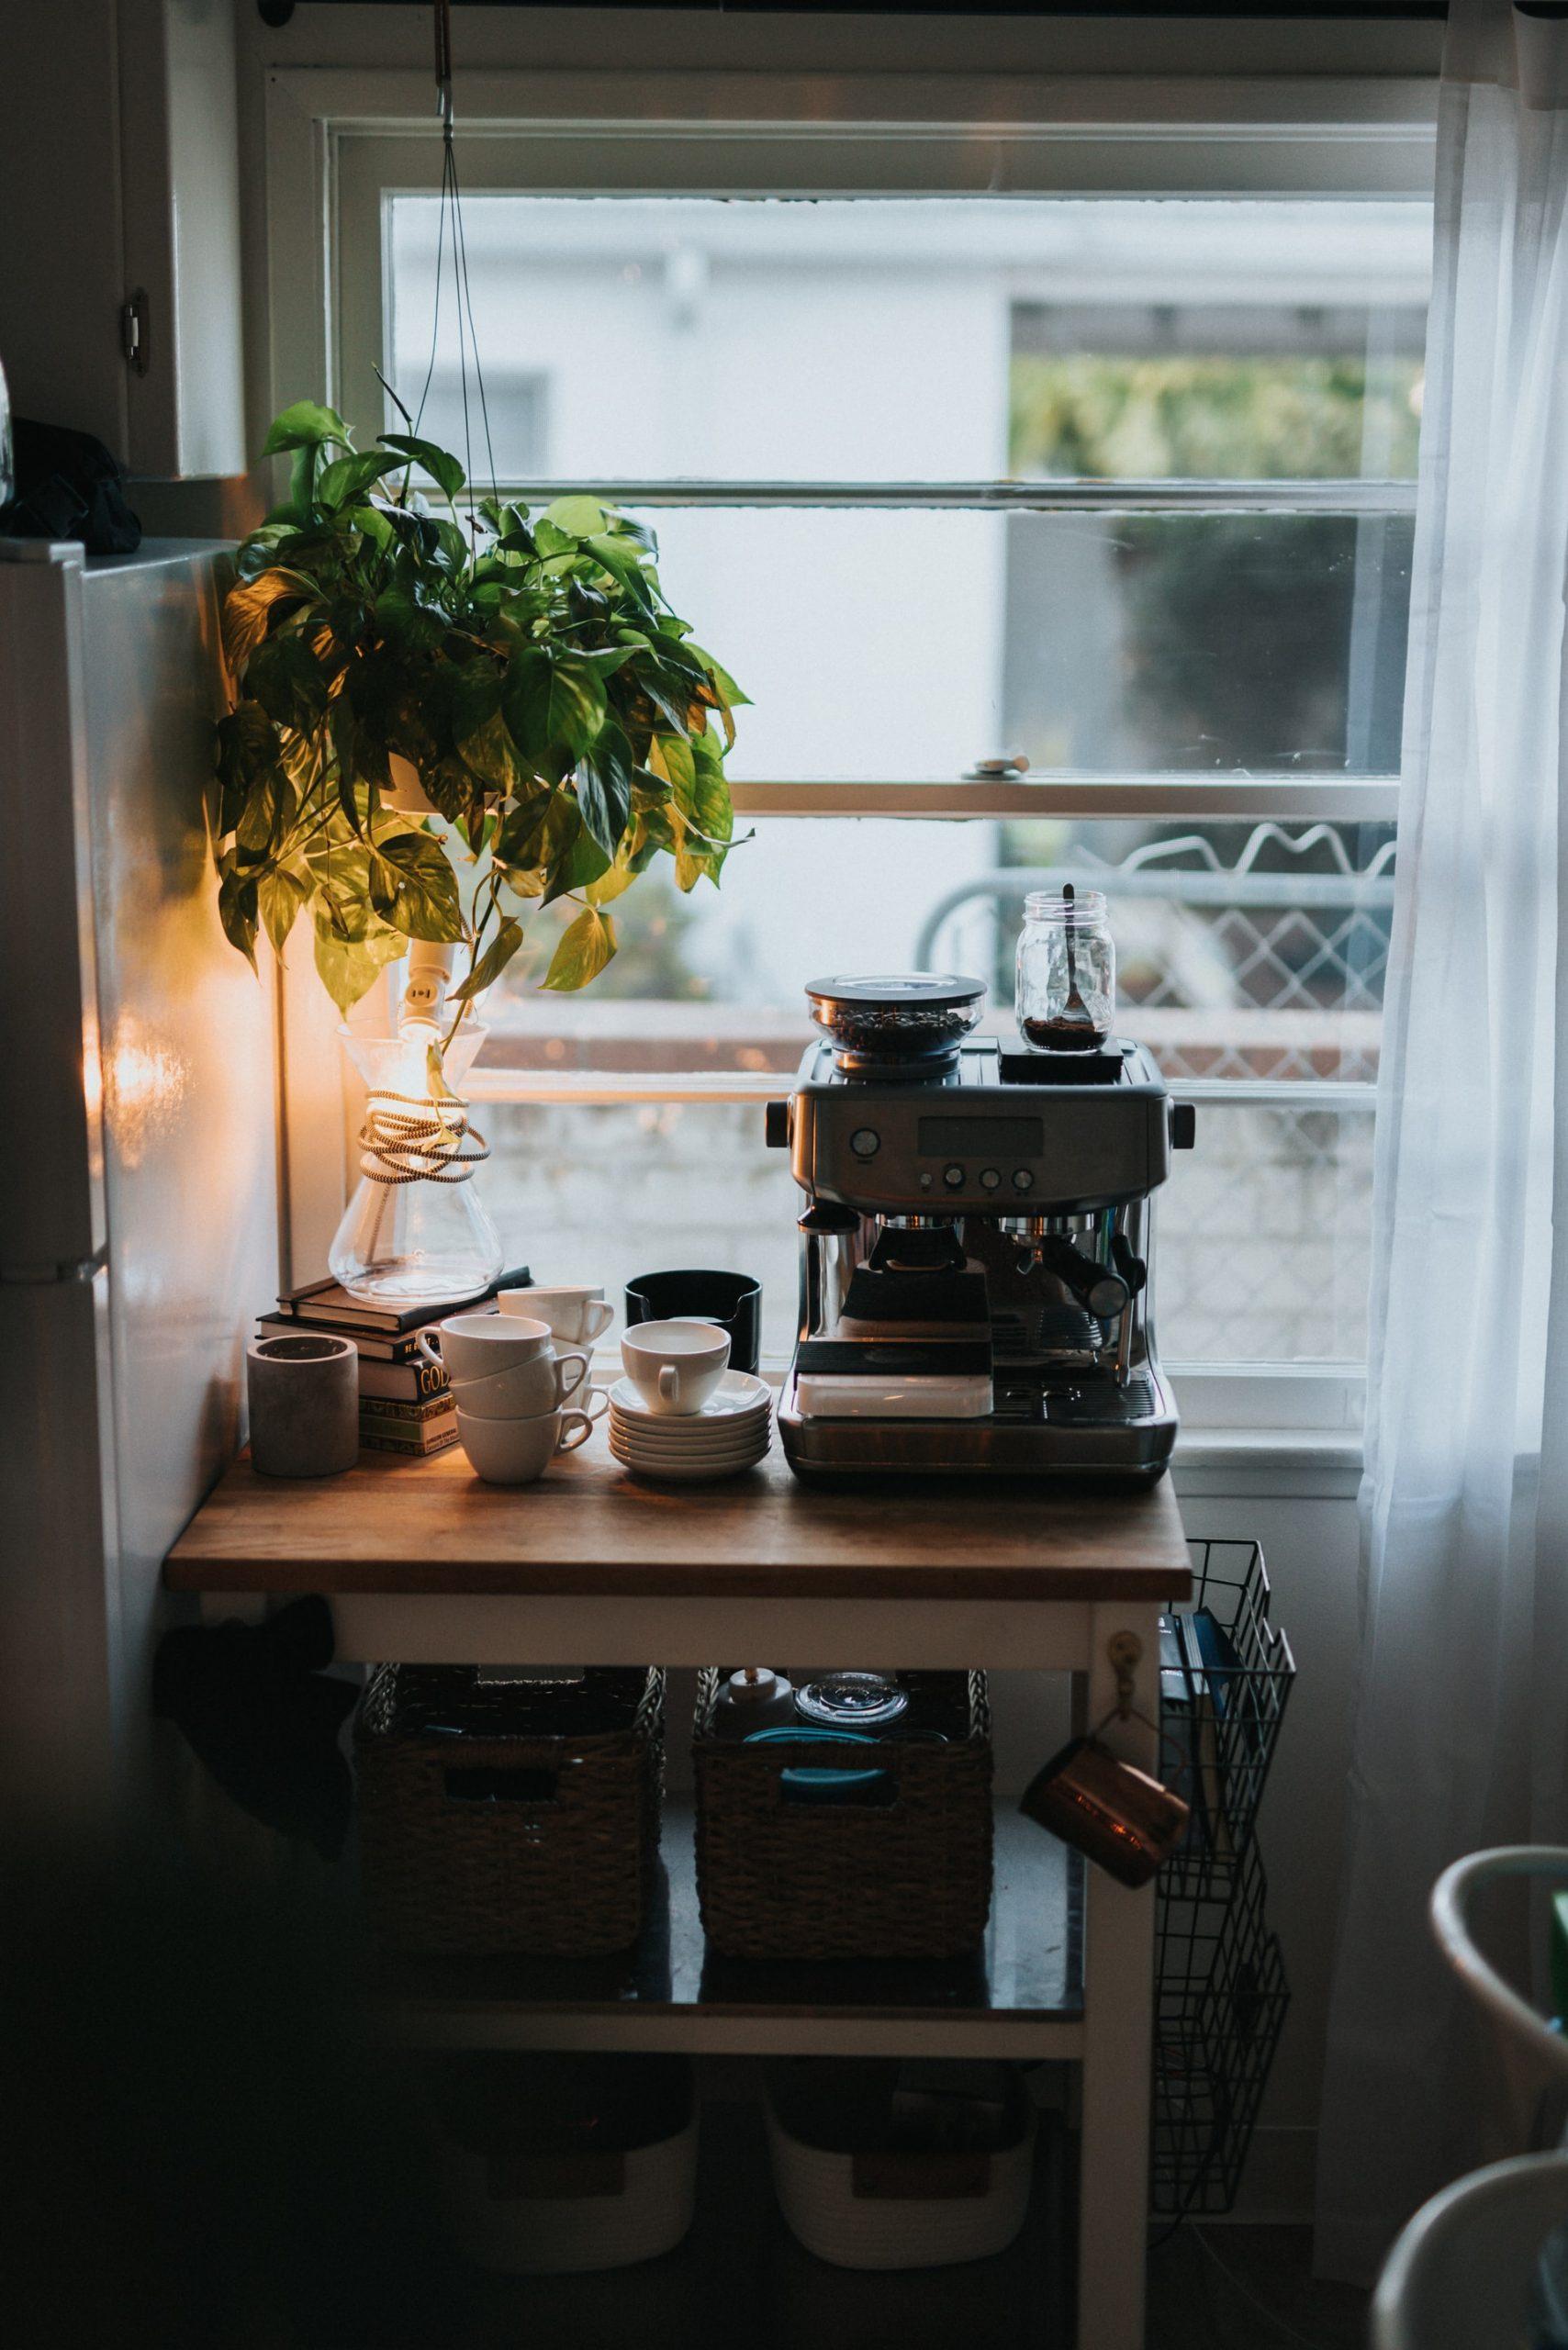 Forny din kaffe med en fuldautomatisk espressomaskine